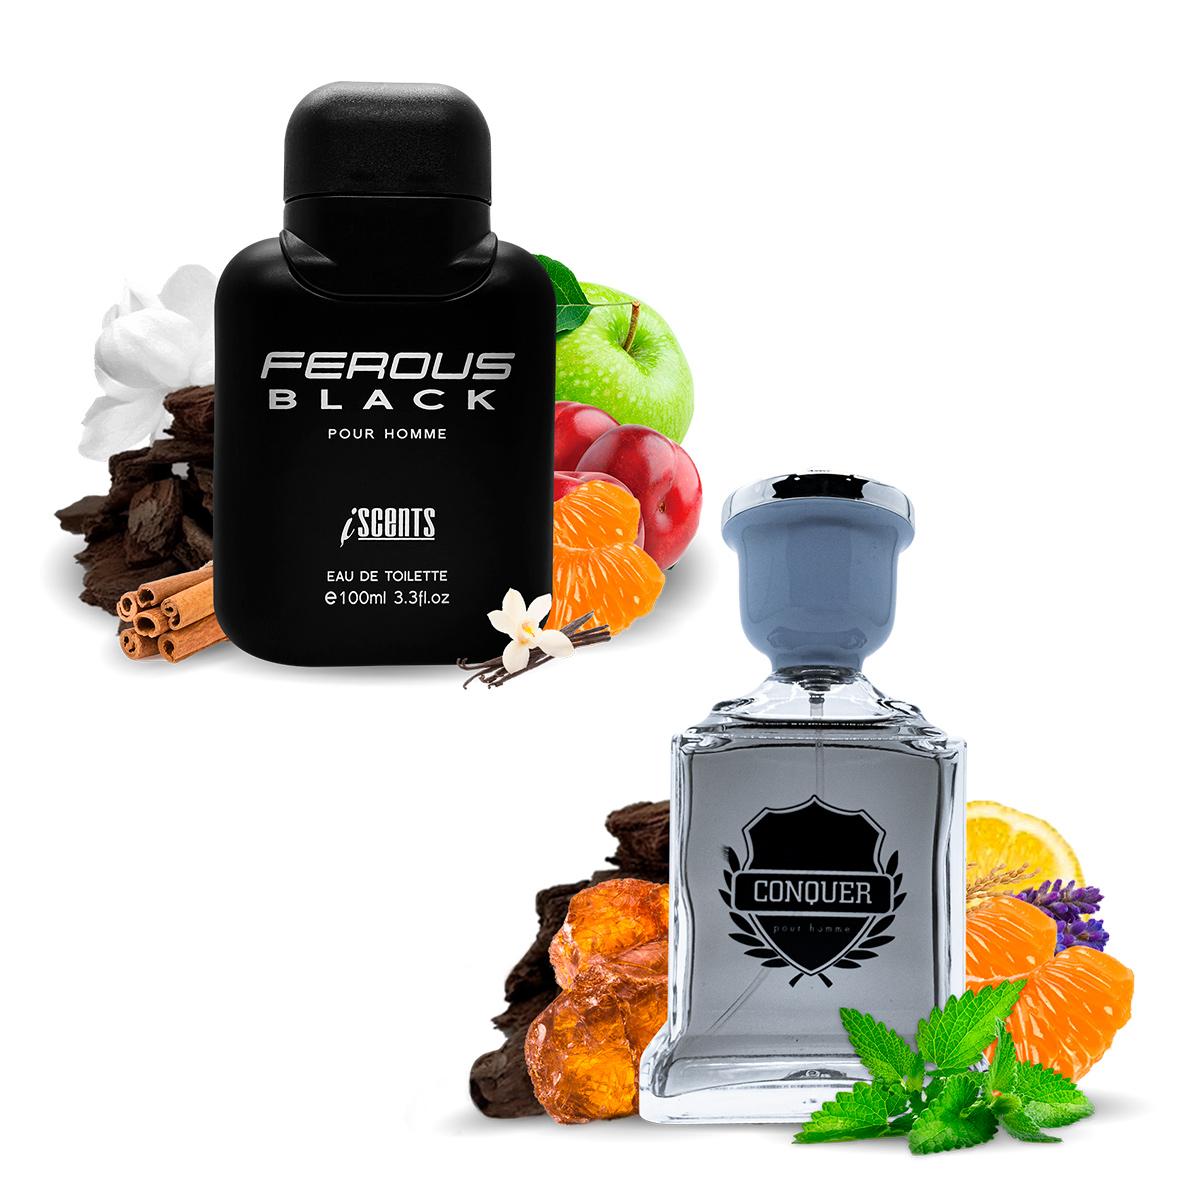 Kit 2 Perfumes Importados Ferous Black e Conquer I Scents